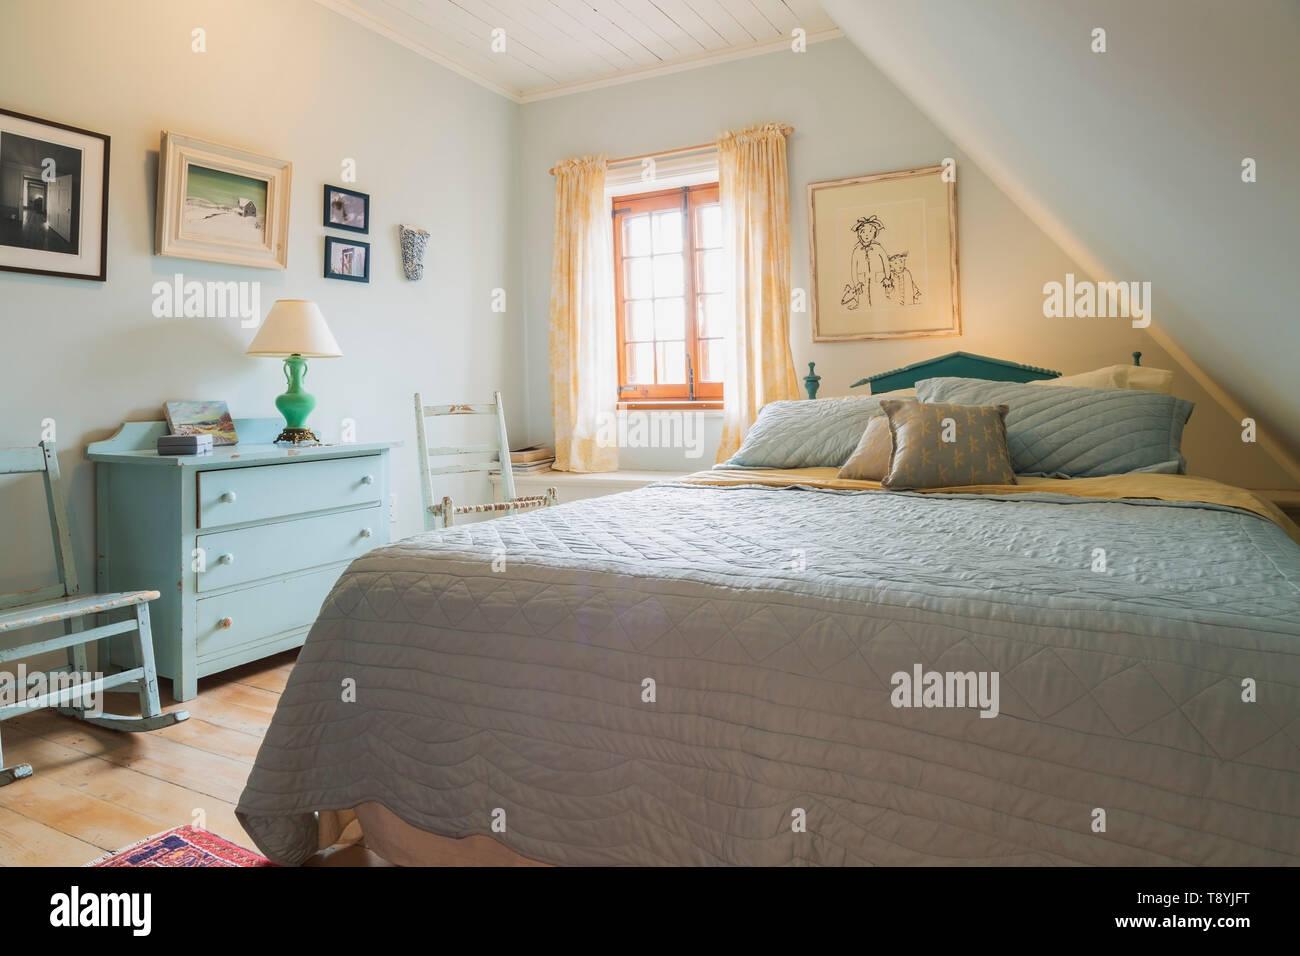 Chambre avec grand lit en bois bleu turquoise et bleu clair ...